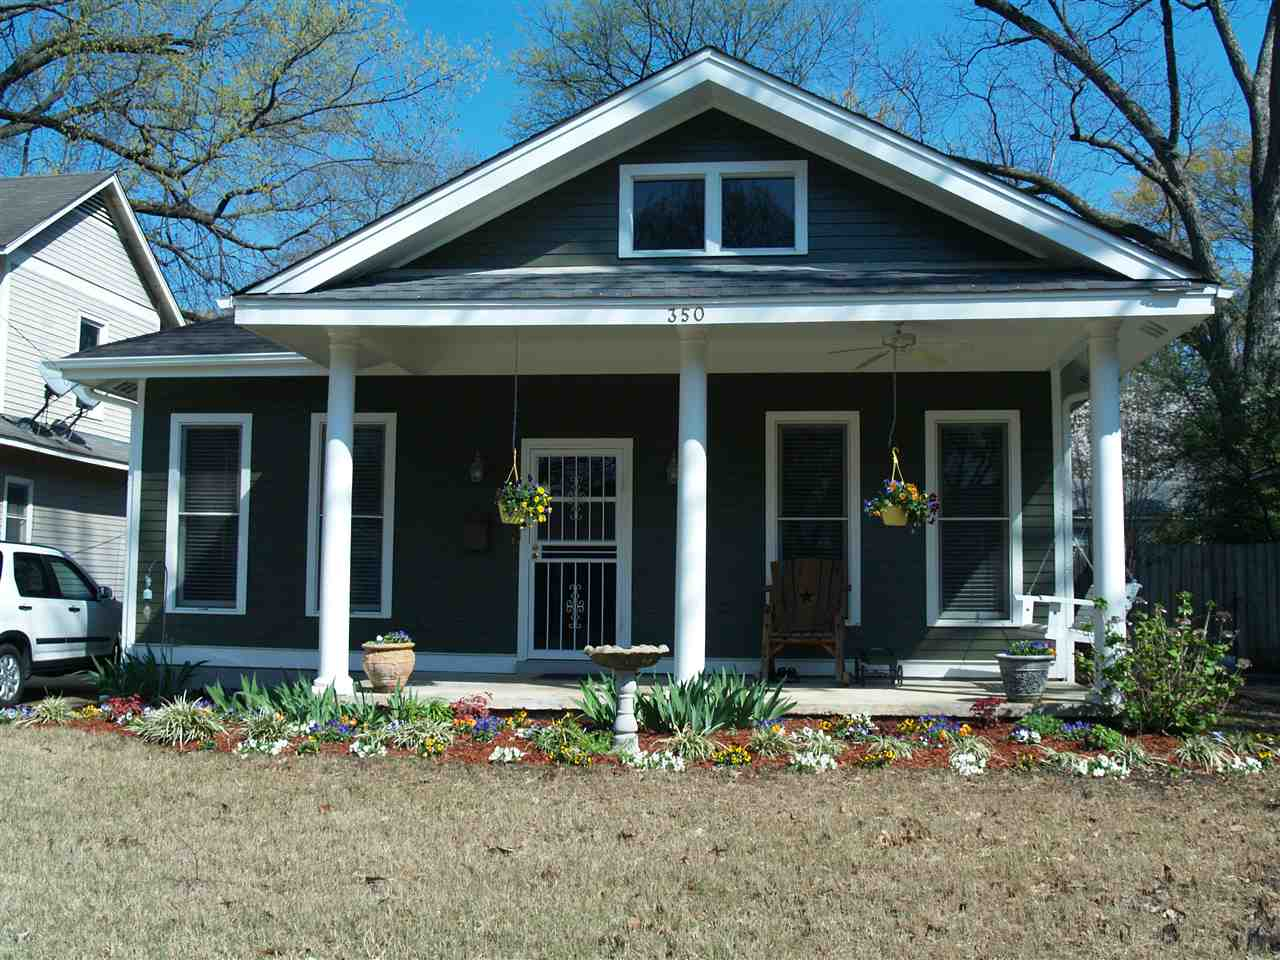 350 GARLAND ST, Memphis, TN 38104